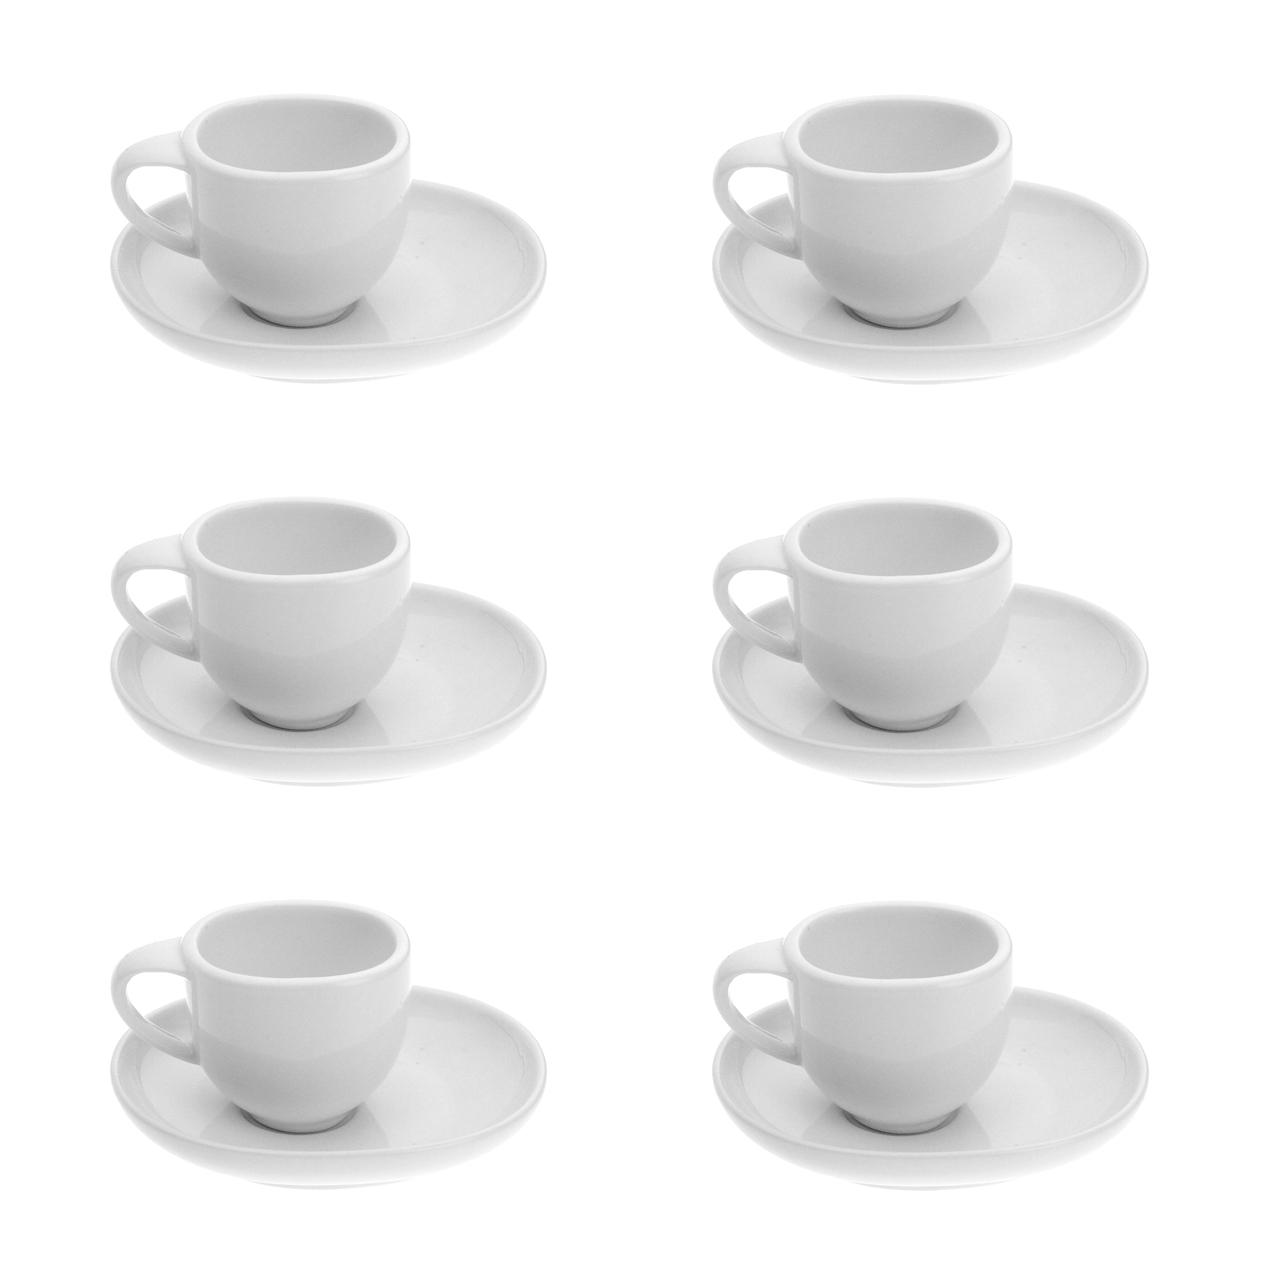 سرویس قهوه خوری 12 پارچه وان کافی مدل بارکا وایت کد JX002-70-W